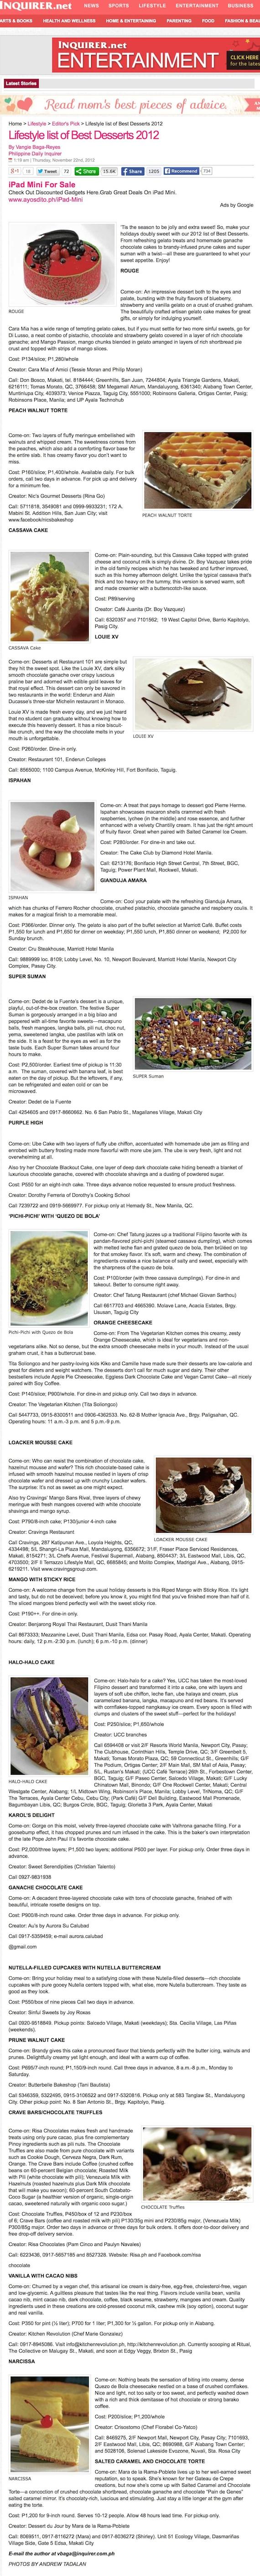 top-desserts-b2012-vangie-reyes.jpg